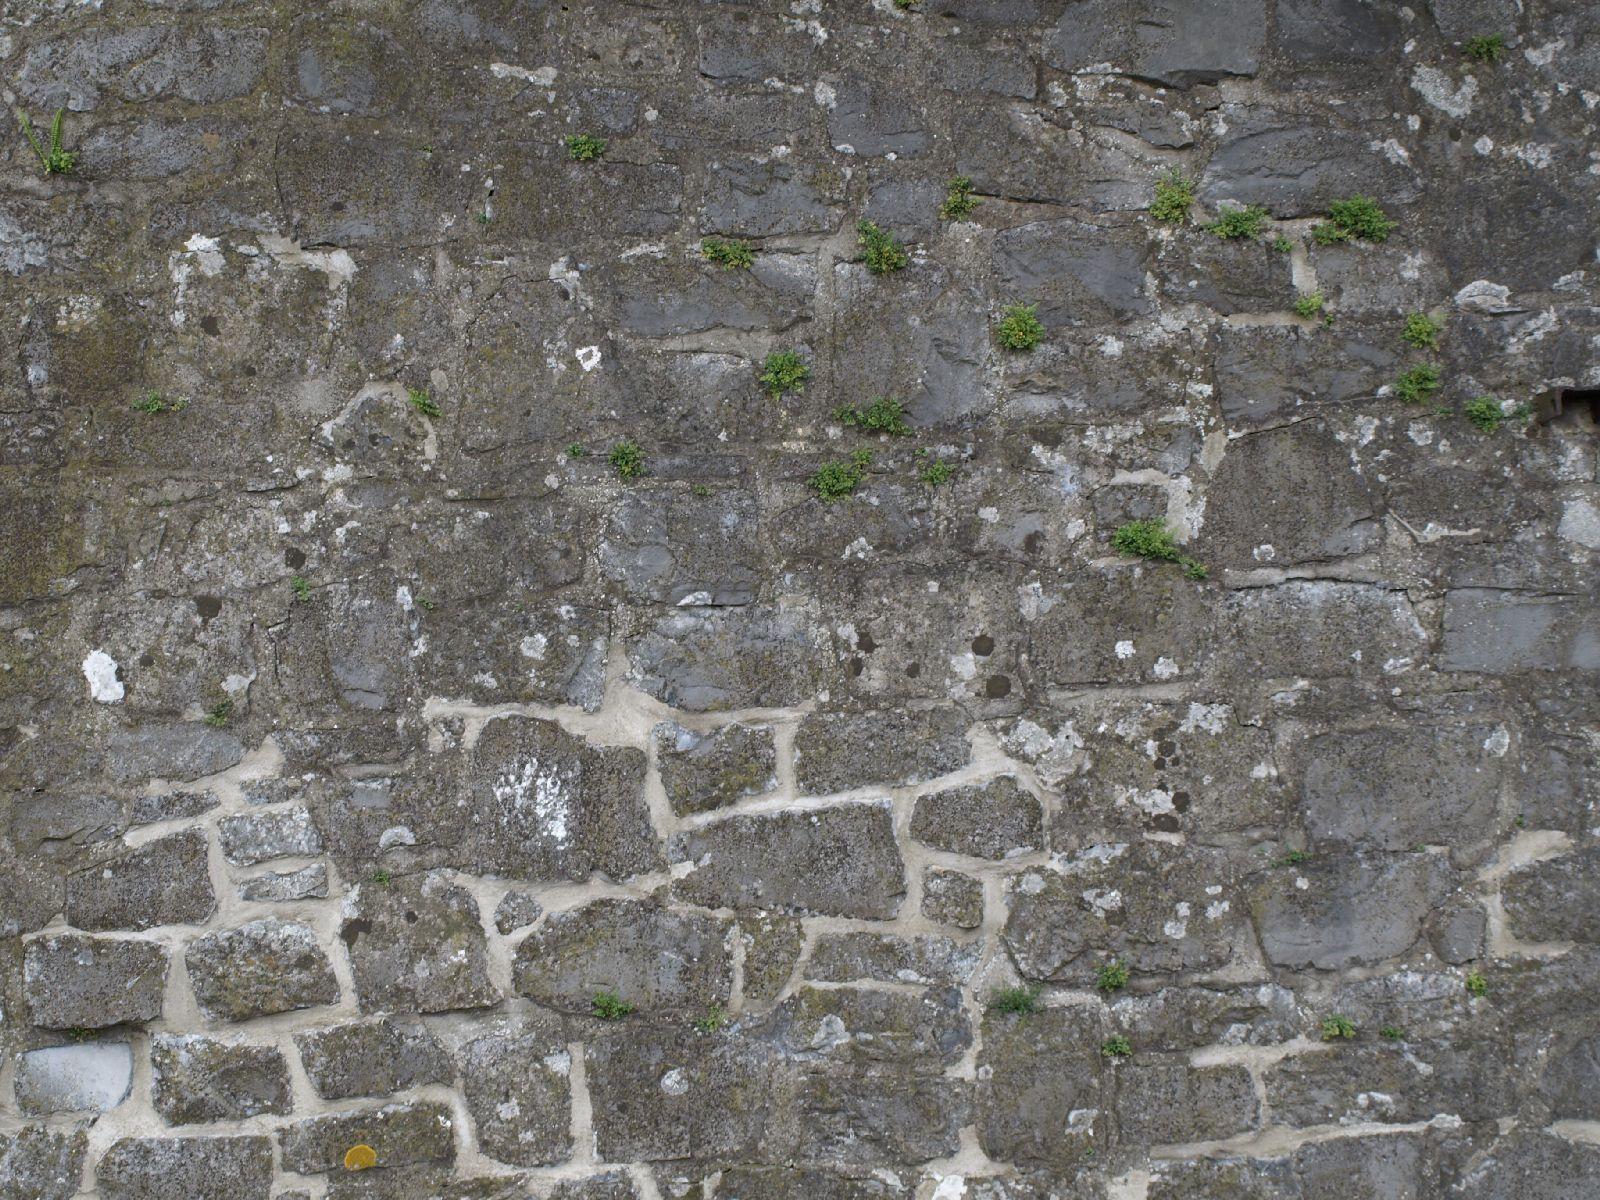 Brick_Texture_A_P8174453